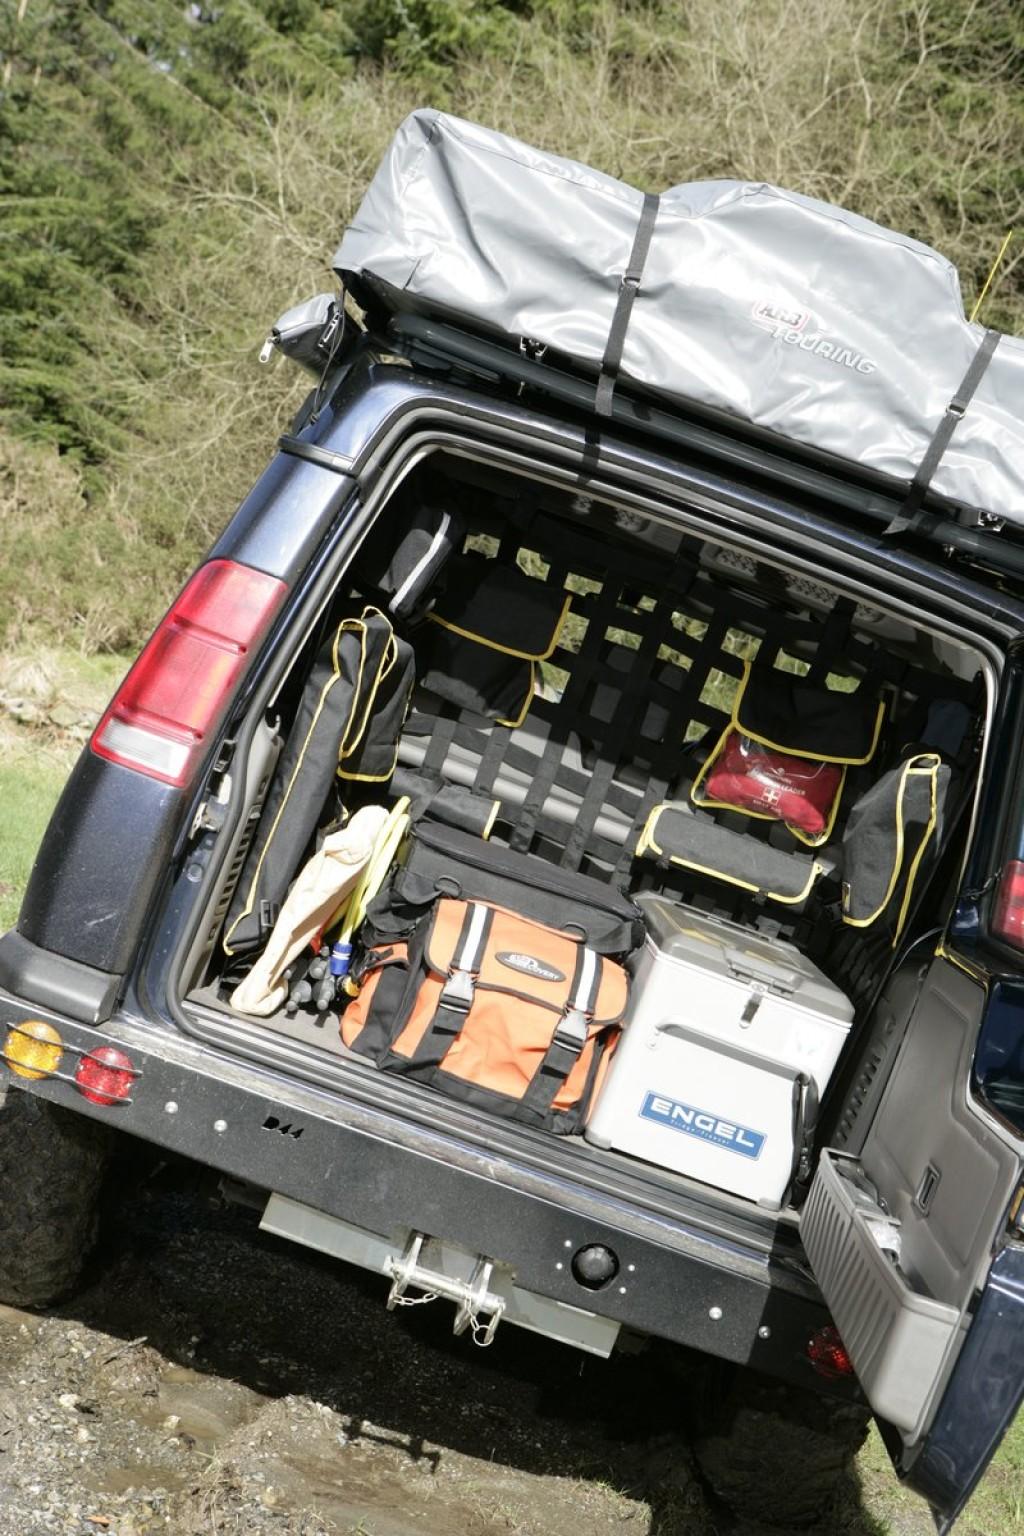 Best Overland Vehicles >> Devon 4x4 Discovery 2 Overland Camper   Devon 4x4